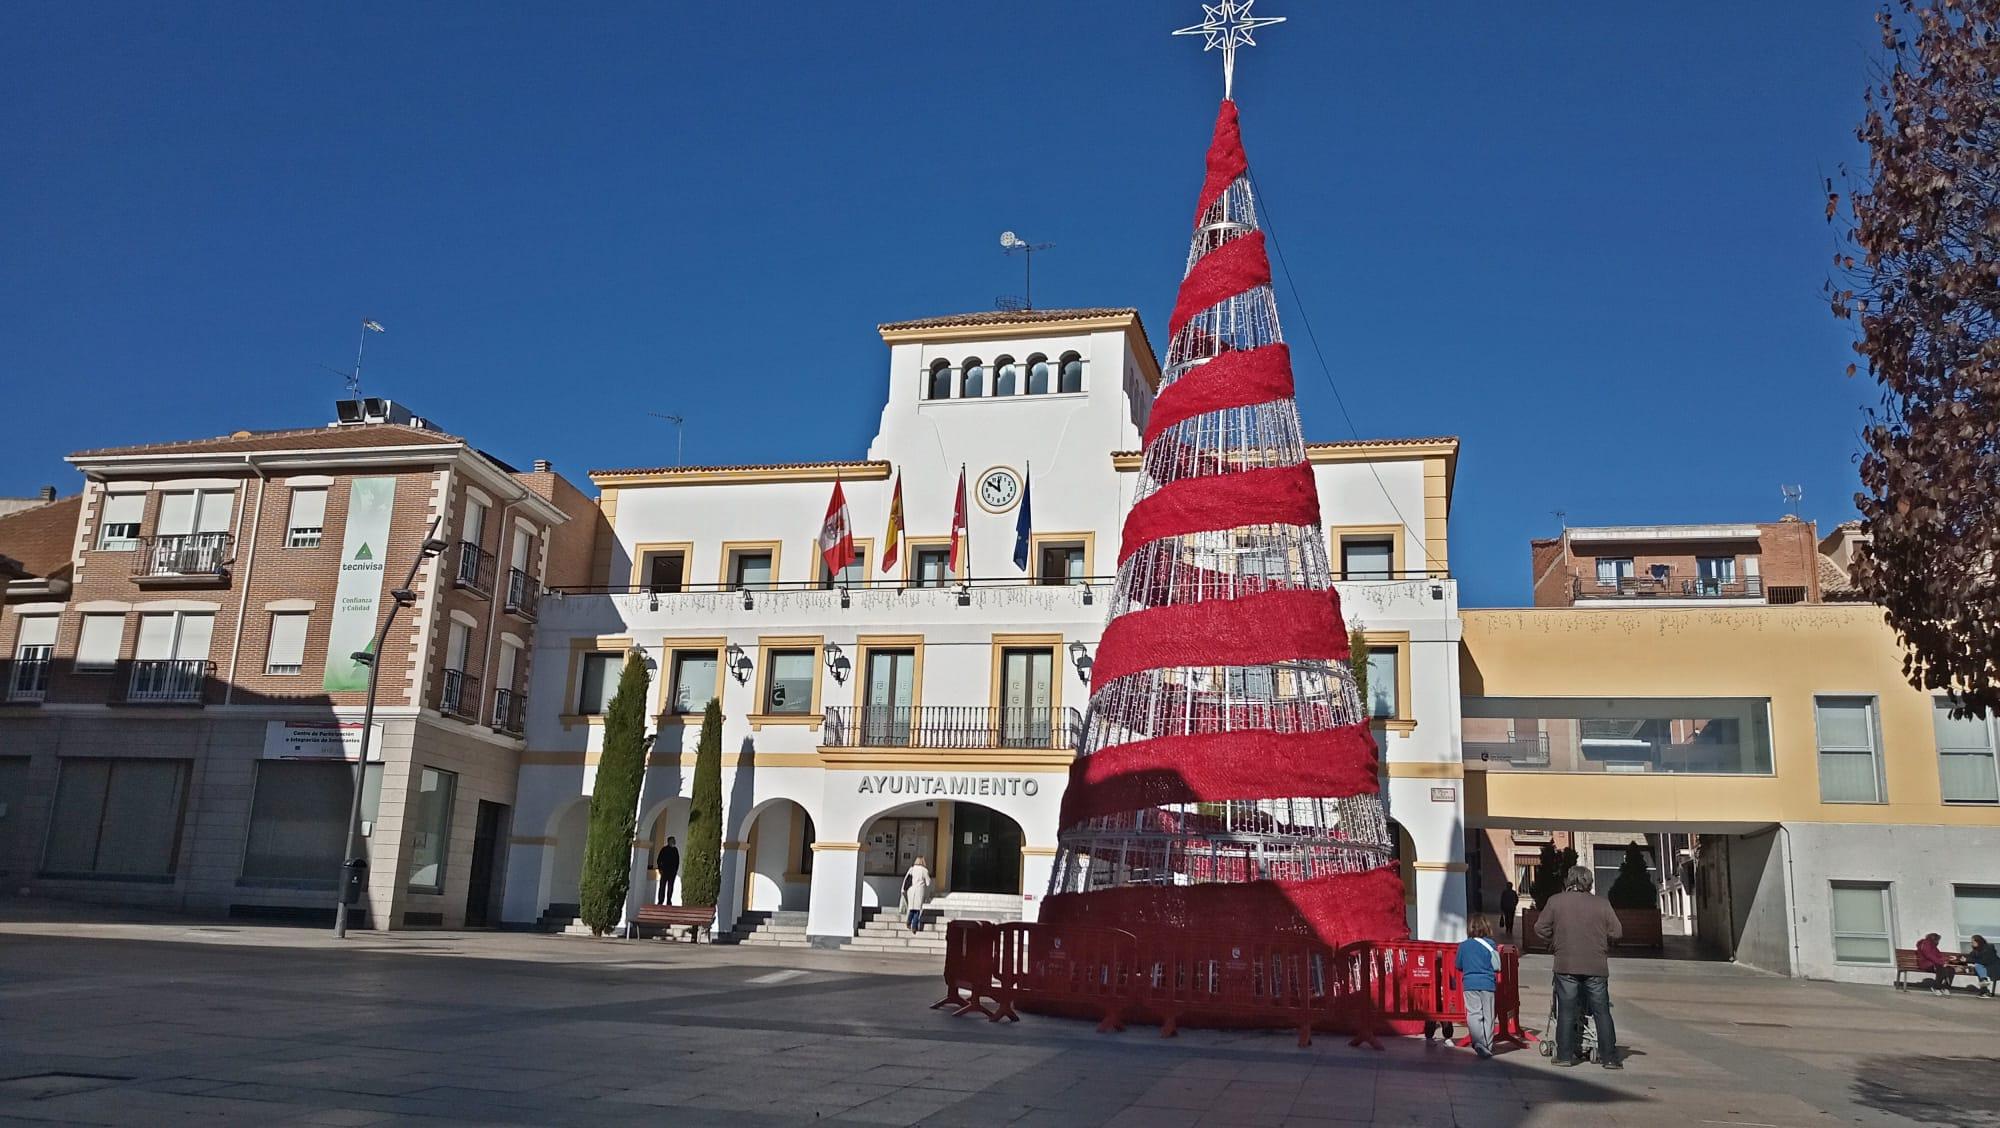 Arbol de Navidad en la Plaza de la Constitución de San Sebatián de los Reyes / AYUNTAMIENTO DE SAN SEBASTIÁN DE LOS REYES